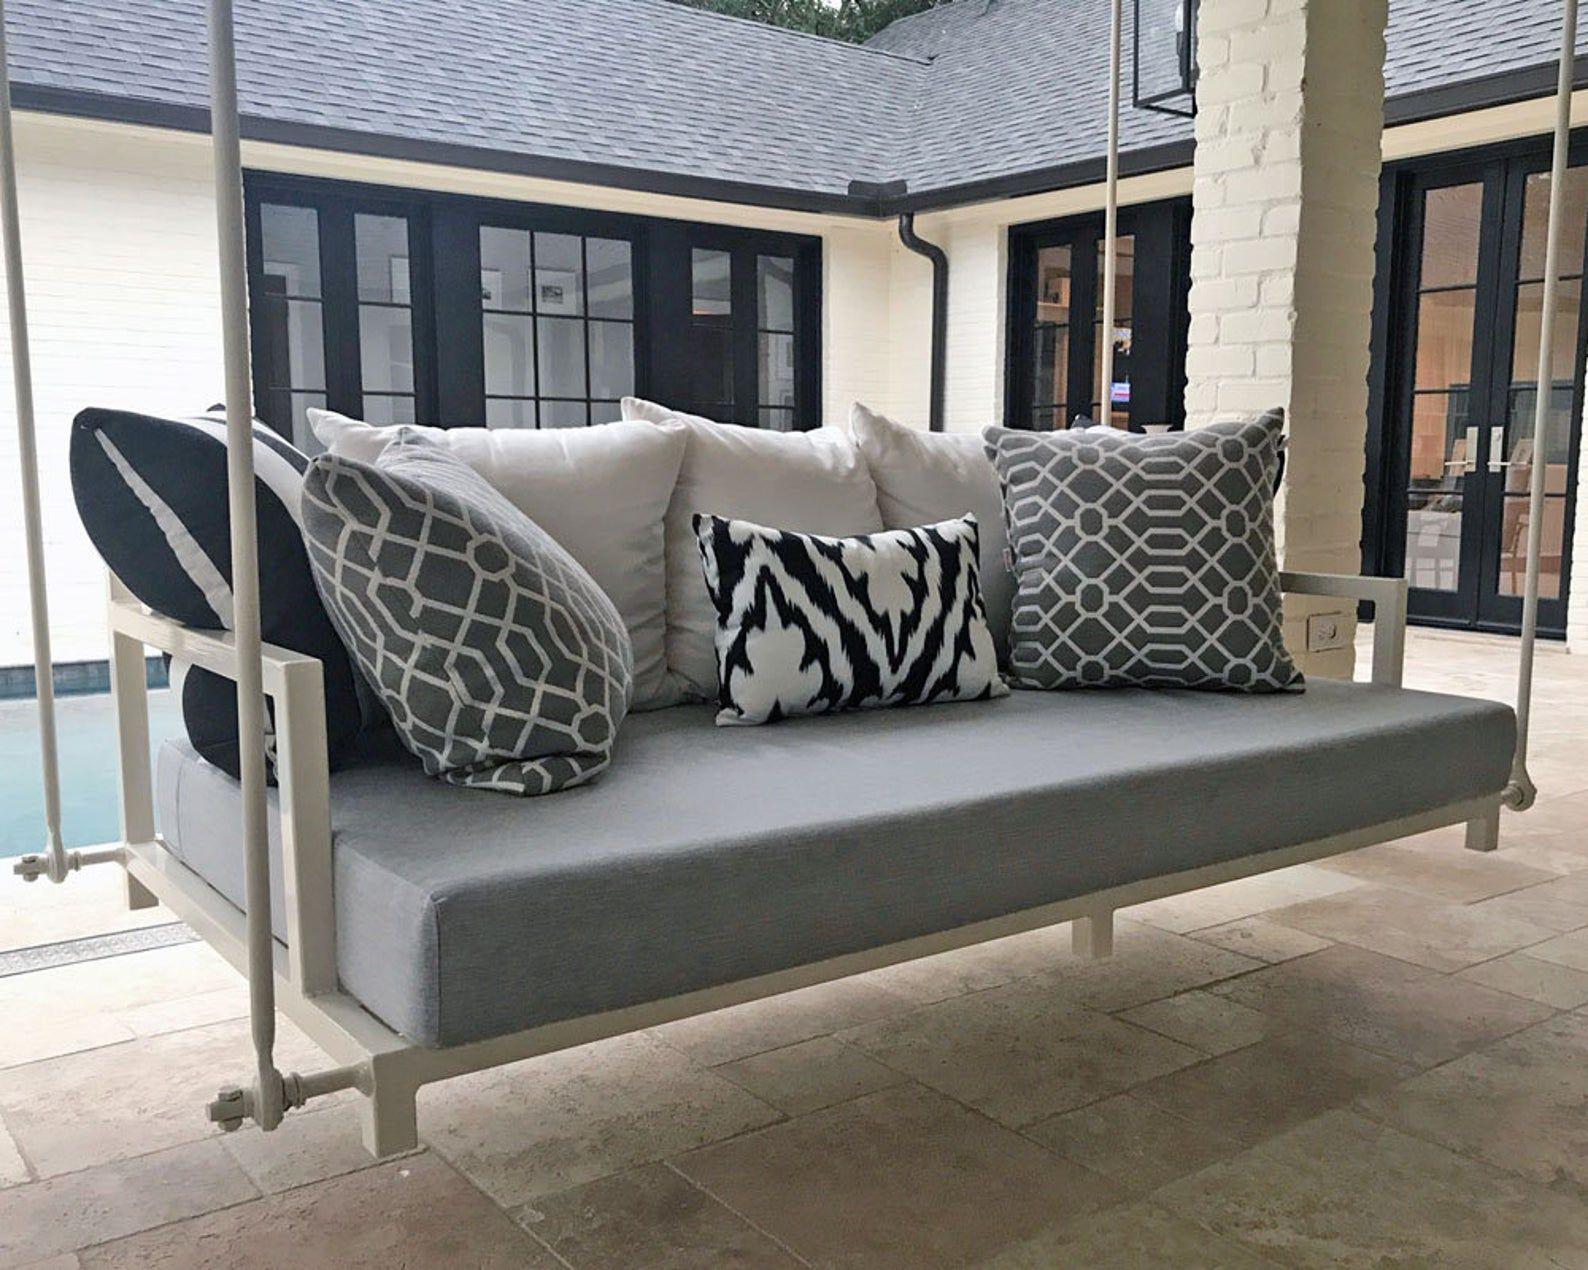 Sunbrella Custom Daybed Cushion Full Bed Double Bed Etsy Daybed Outdoor Swing Sunbrella Custom In 2020 Outdoor Daybed Cushion Daybed Cushion Porch Swing Cushions